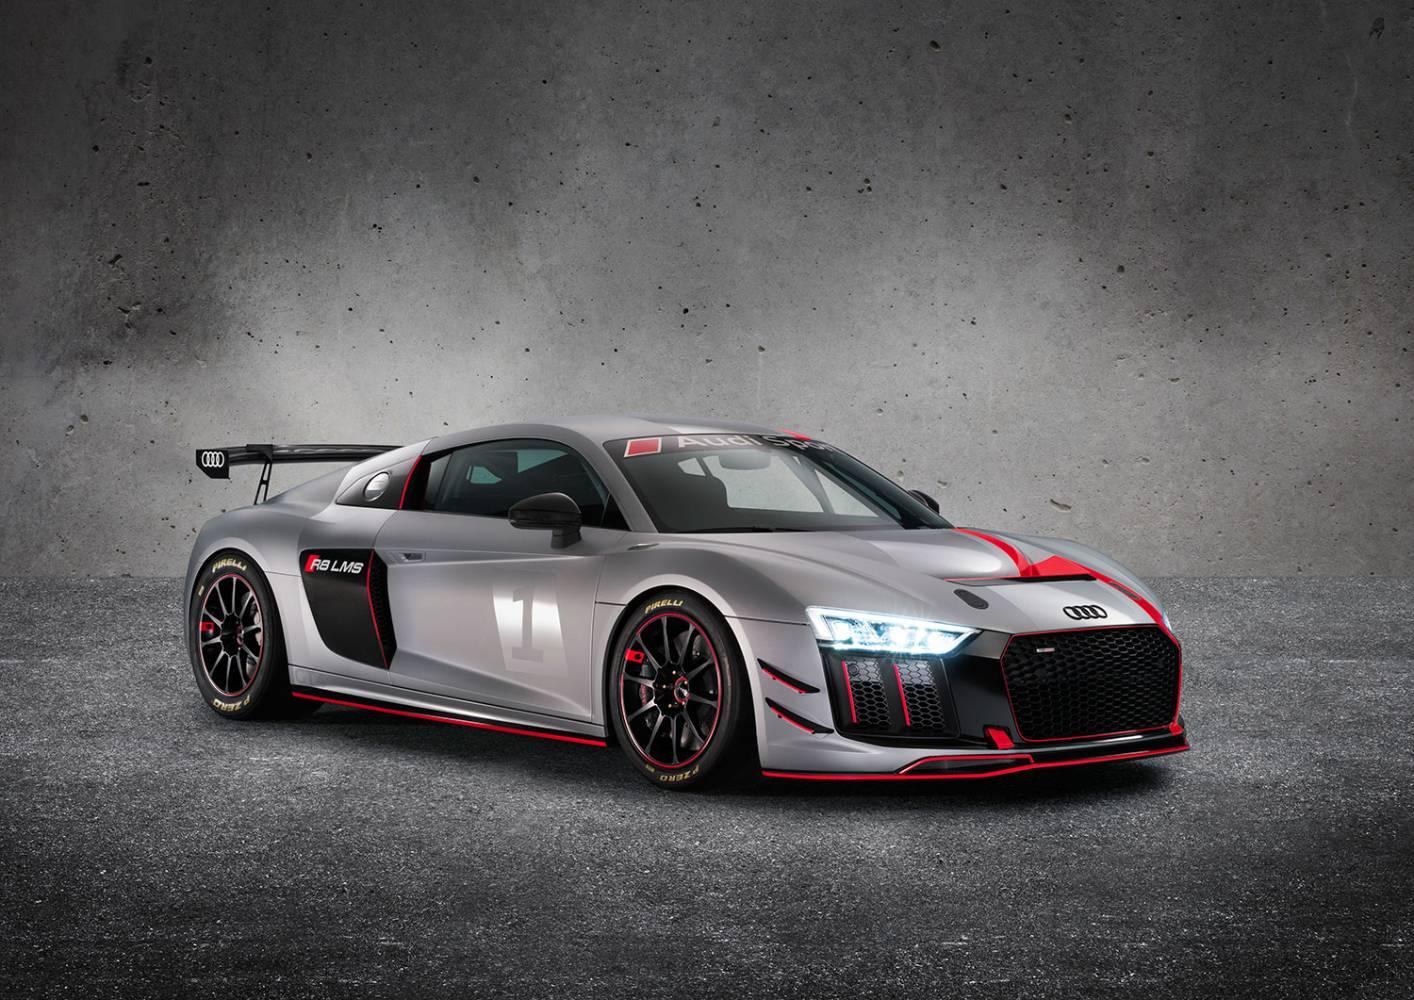 Audi R8 LMS GT4 (Foto: Audi/Ferdi Kräling Motorsport-Bild GmbH)